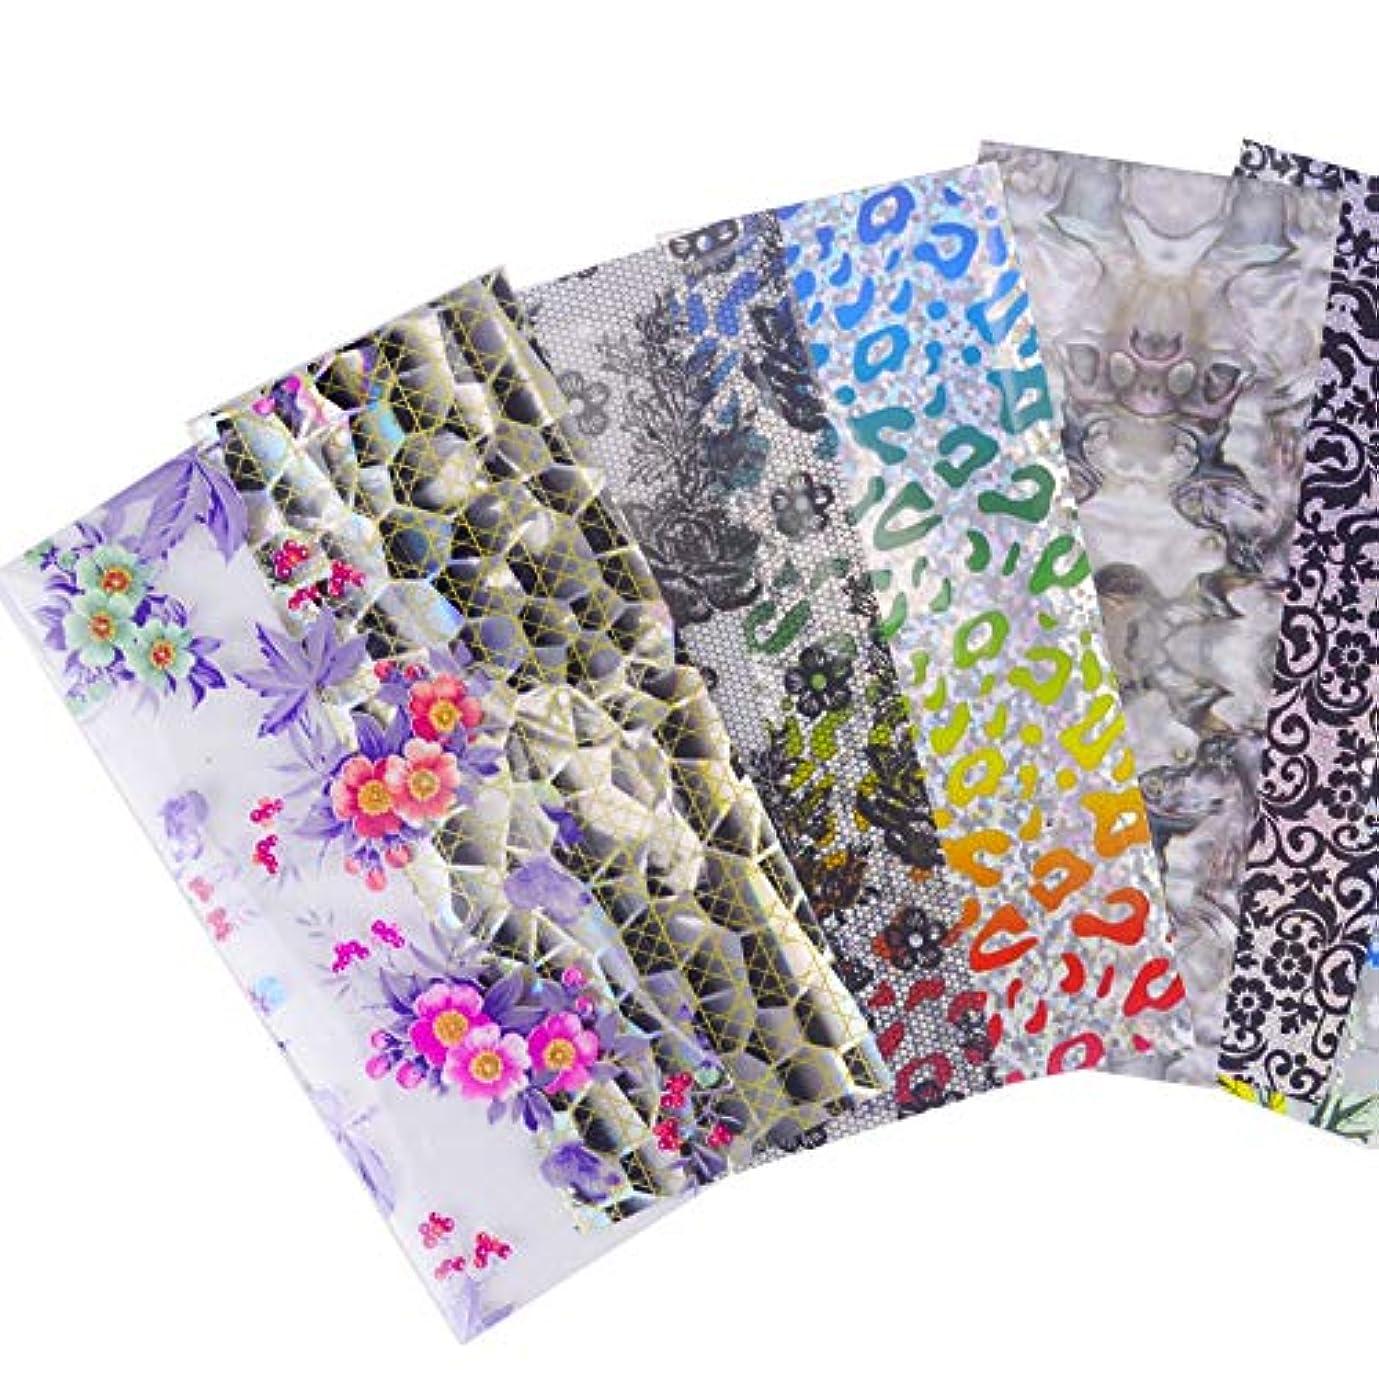 歌花弁言い直すSUKTI&XIAO ネイルステッカー 20デザインネイルアートフォイルシャイニングミックスドビューティートランスファーヒントステッカークラフトDiyユニバースデコレーション